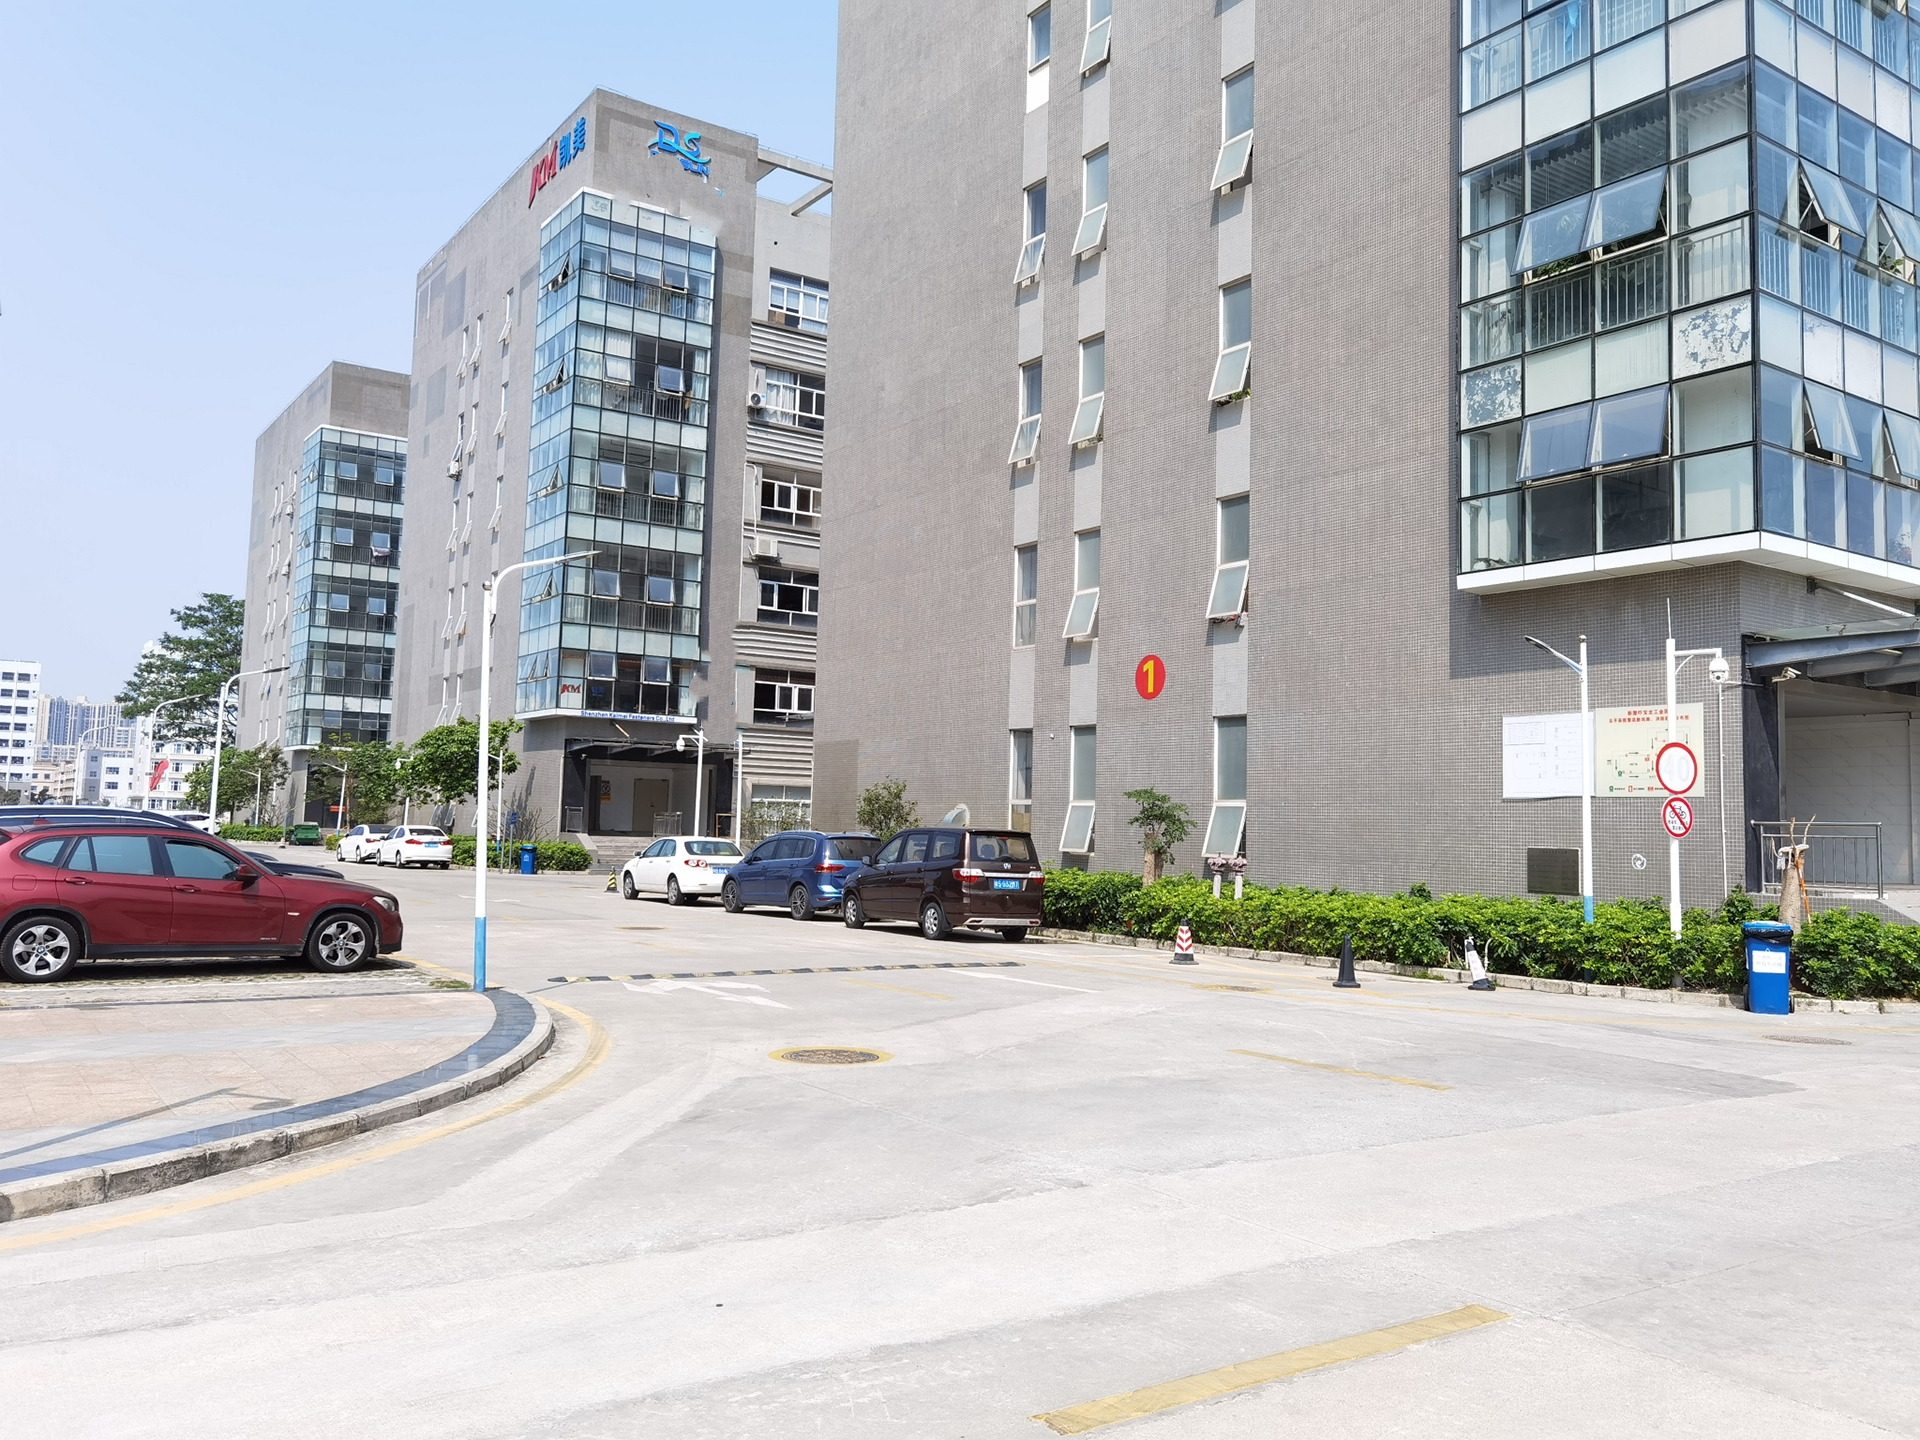 龙岗宝龙租客分租三楼整层1600平厂房仓库精装修带办公室可分